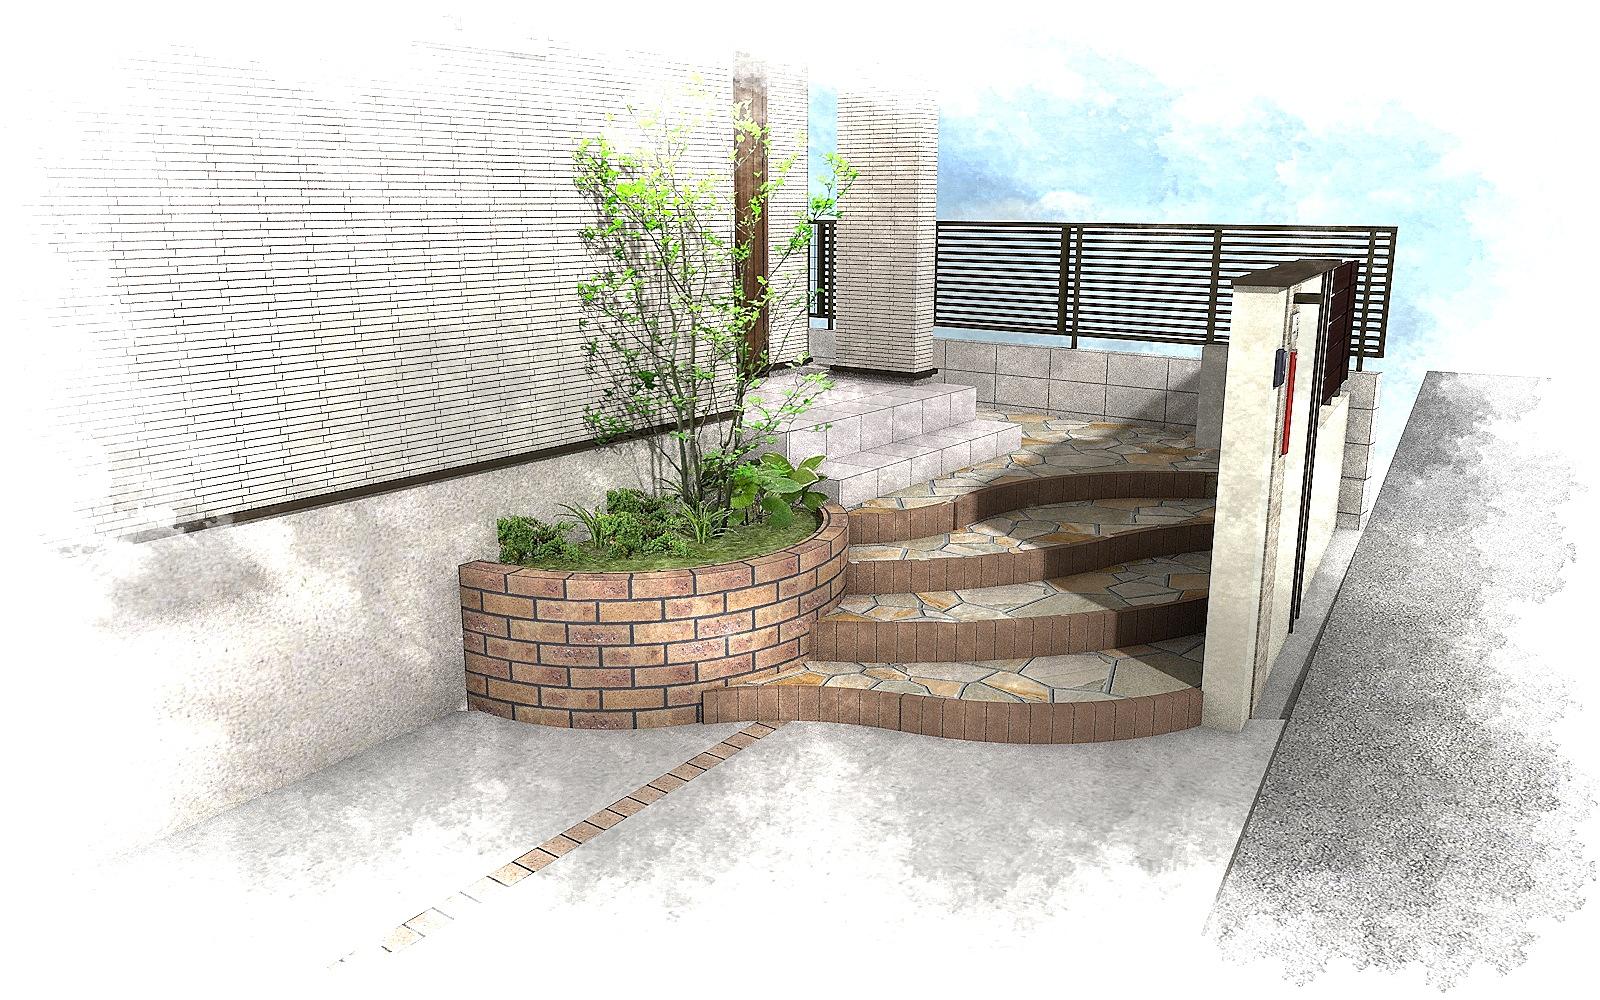 千葉県松戸市にて。レンガのカーブがお洒落な階段。ナチュラルカラーの素敵なポーチです。5